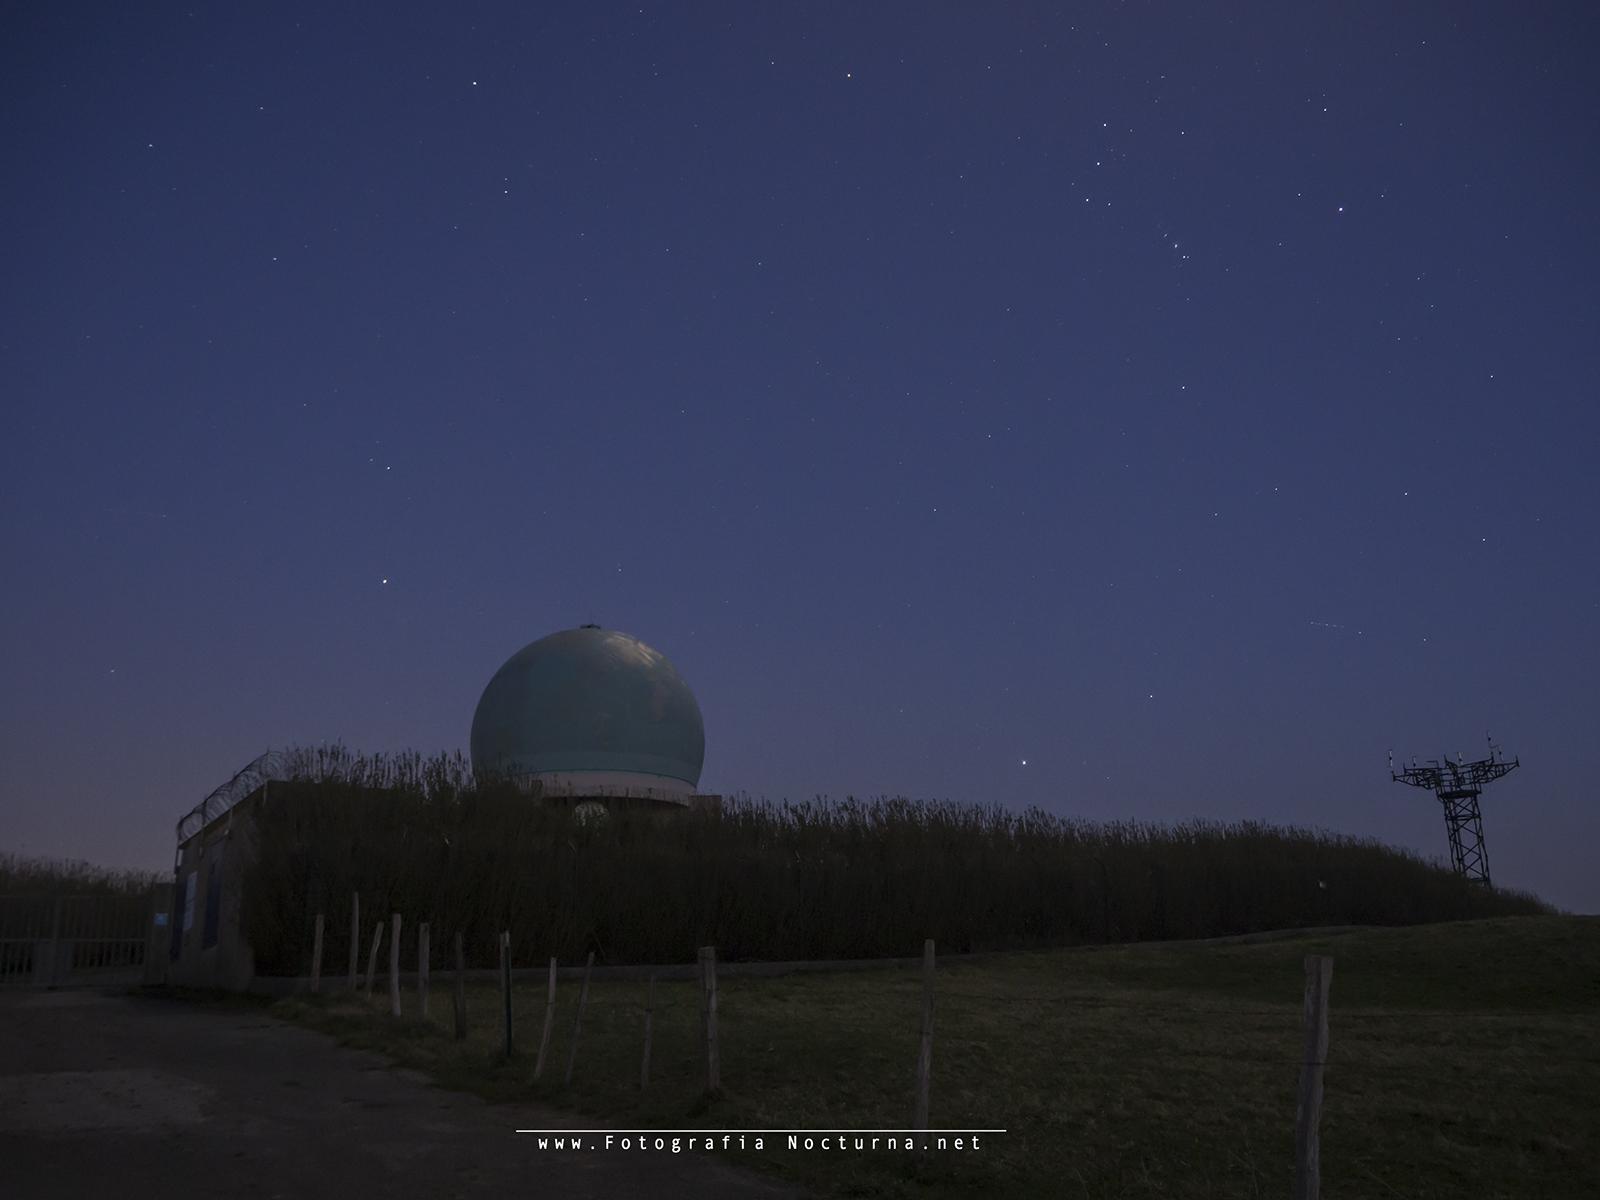 Antena y estrellas